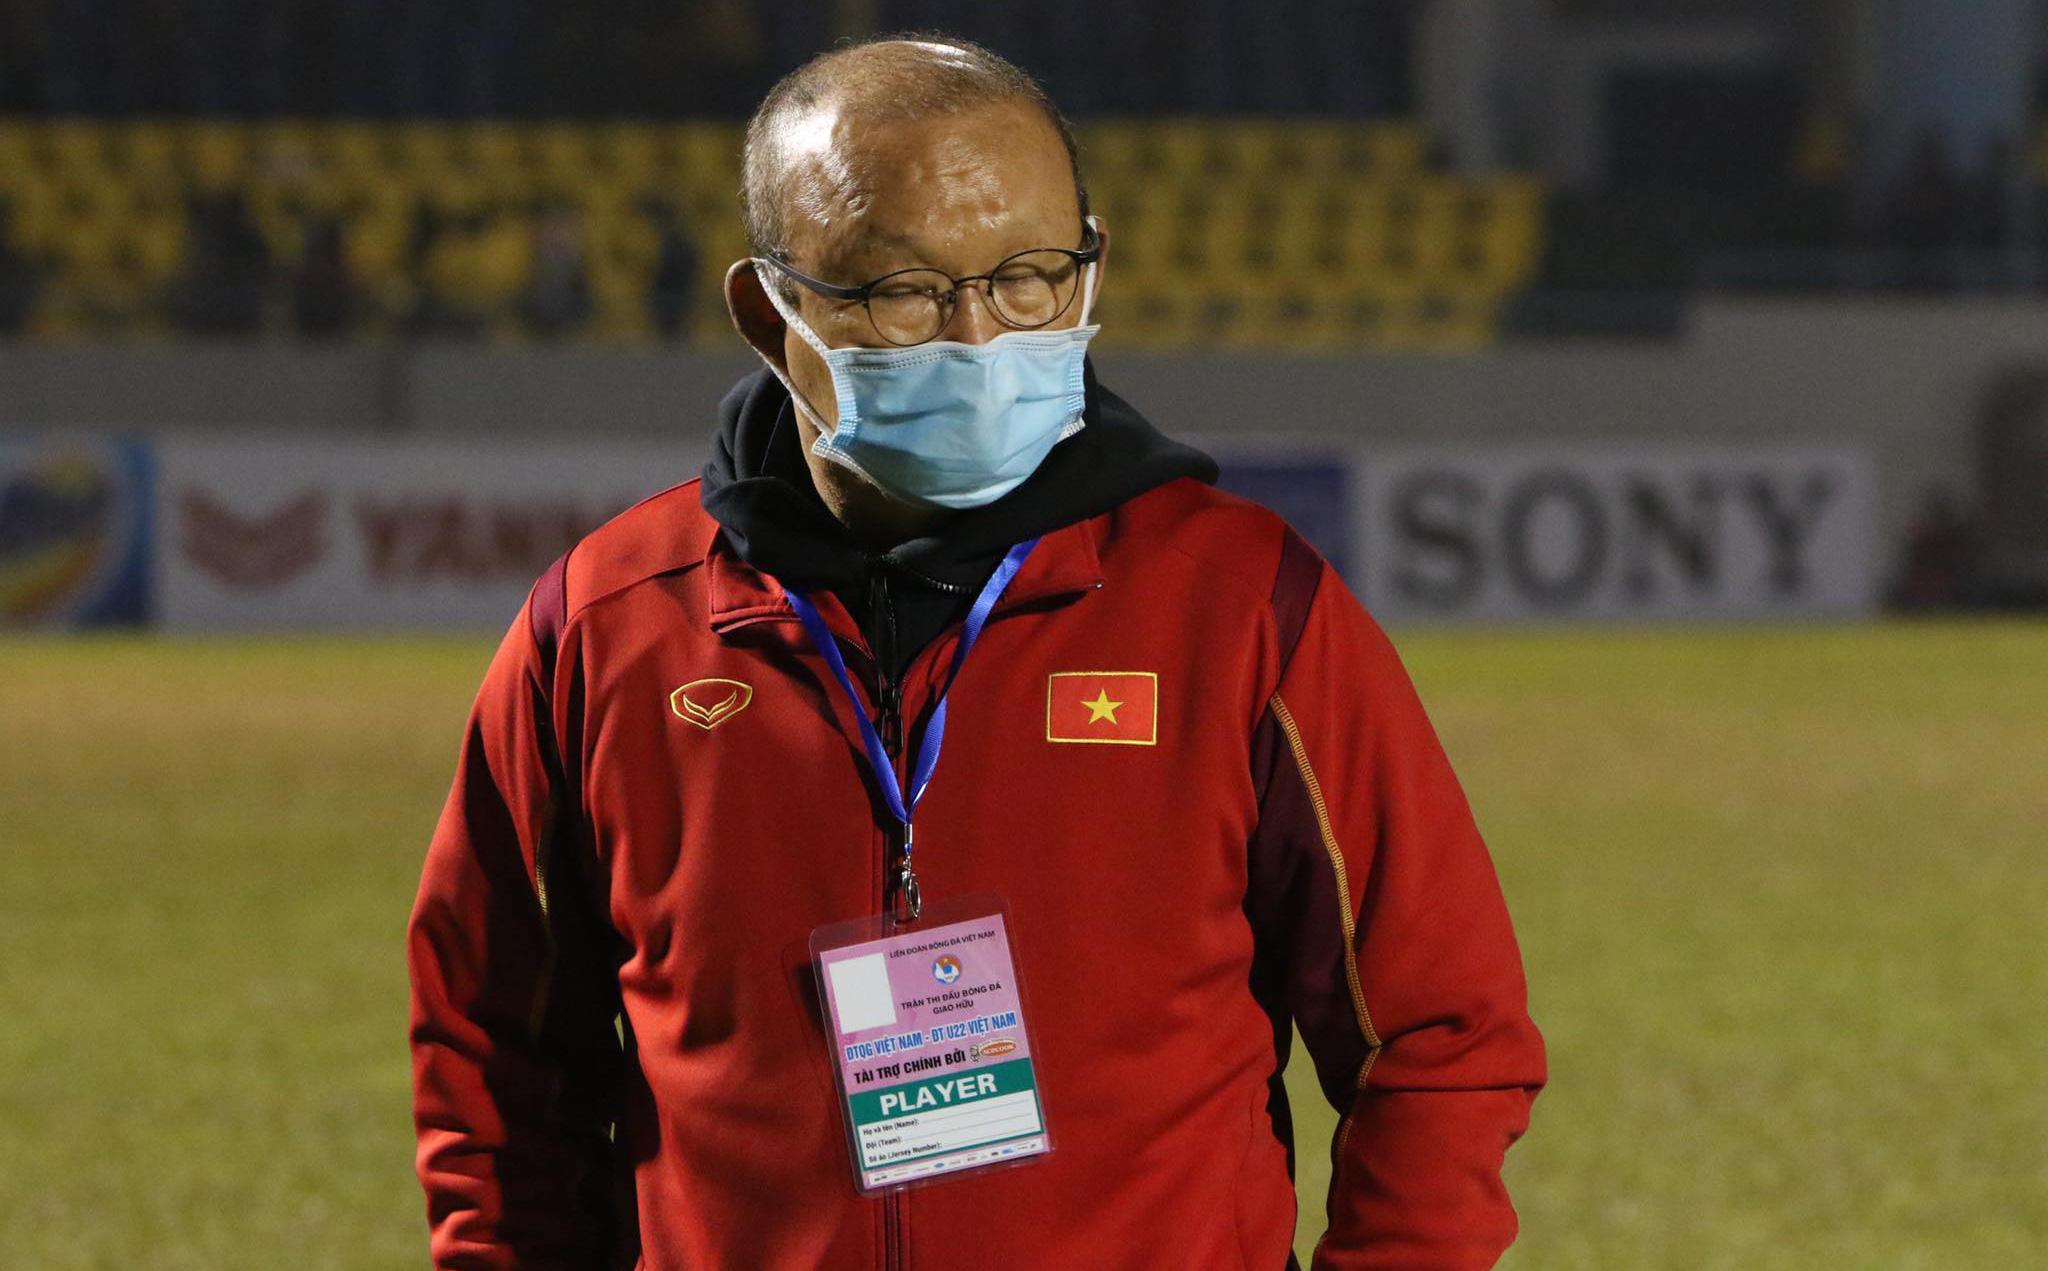 [NÓNG] FIFA hủy 2 giải World Cup, kế hoạch của thầy Park và HLV Troussier bị ảnh hưởng lớn